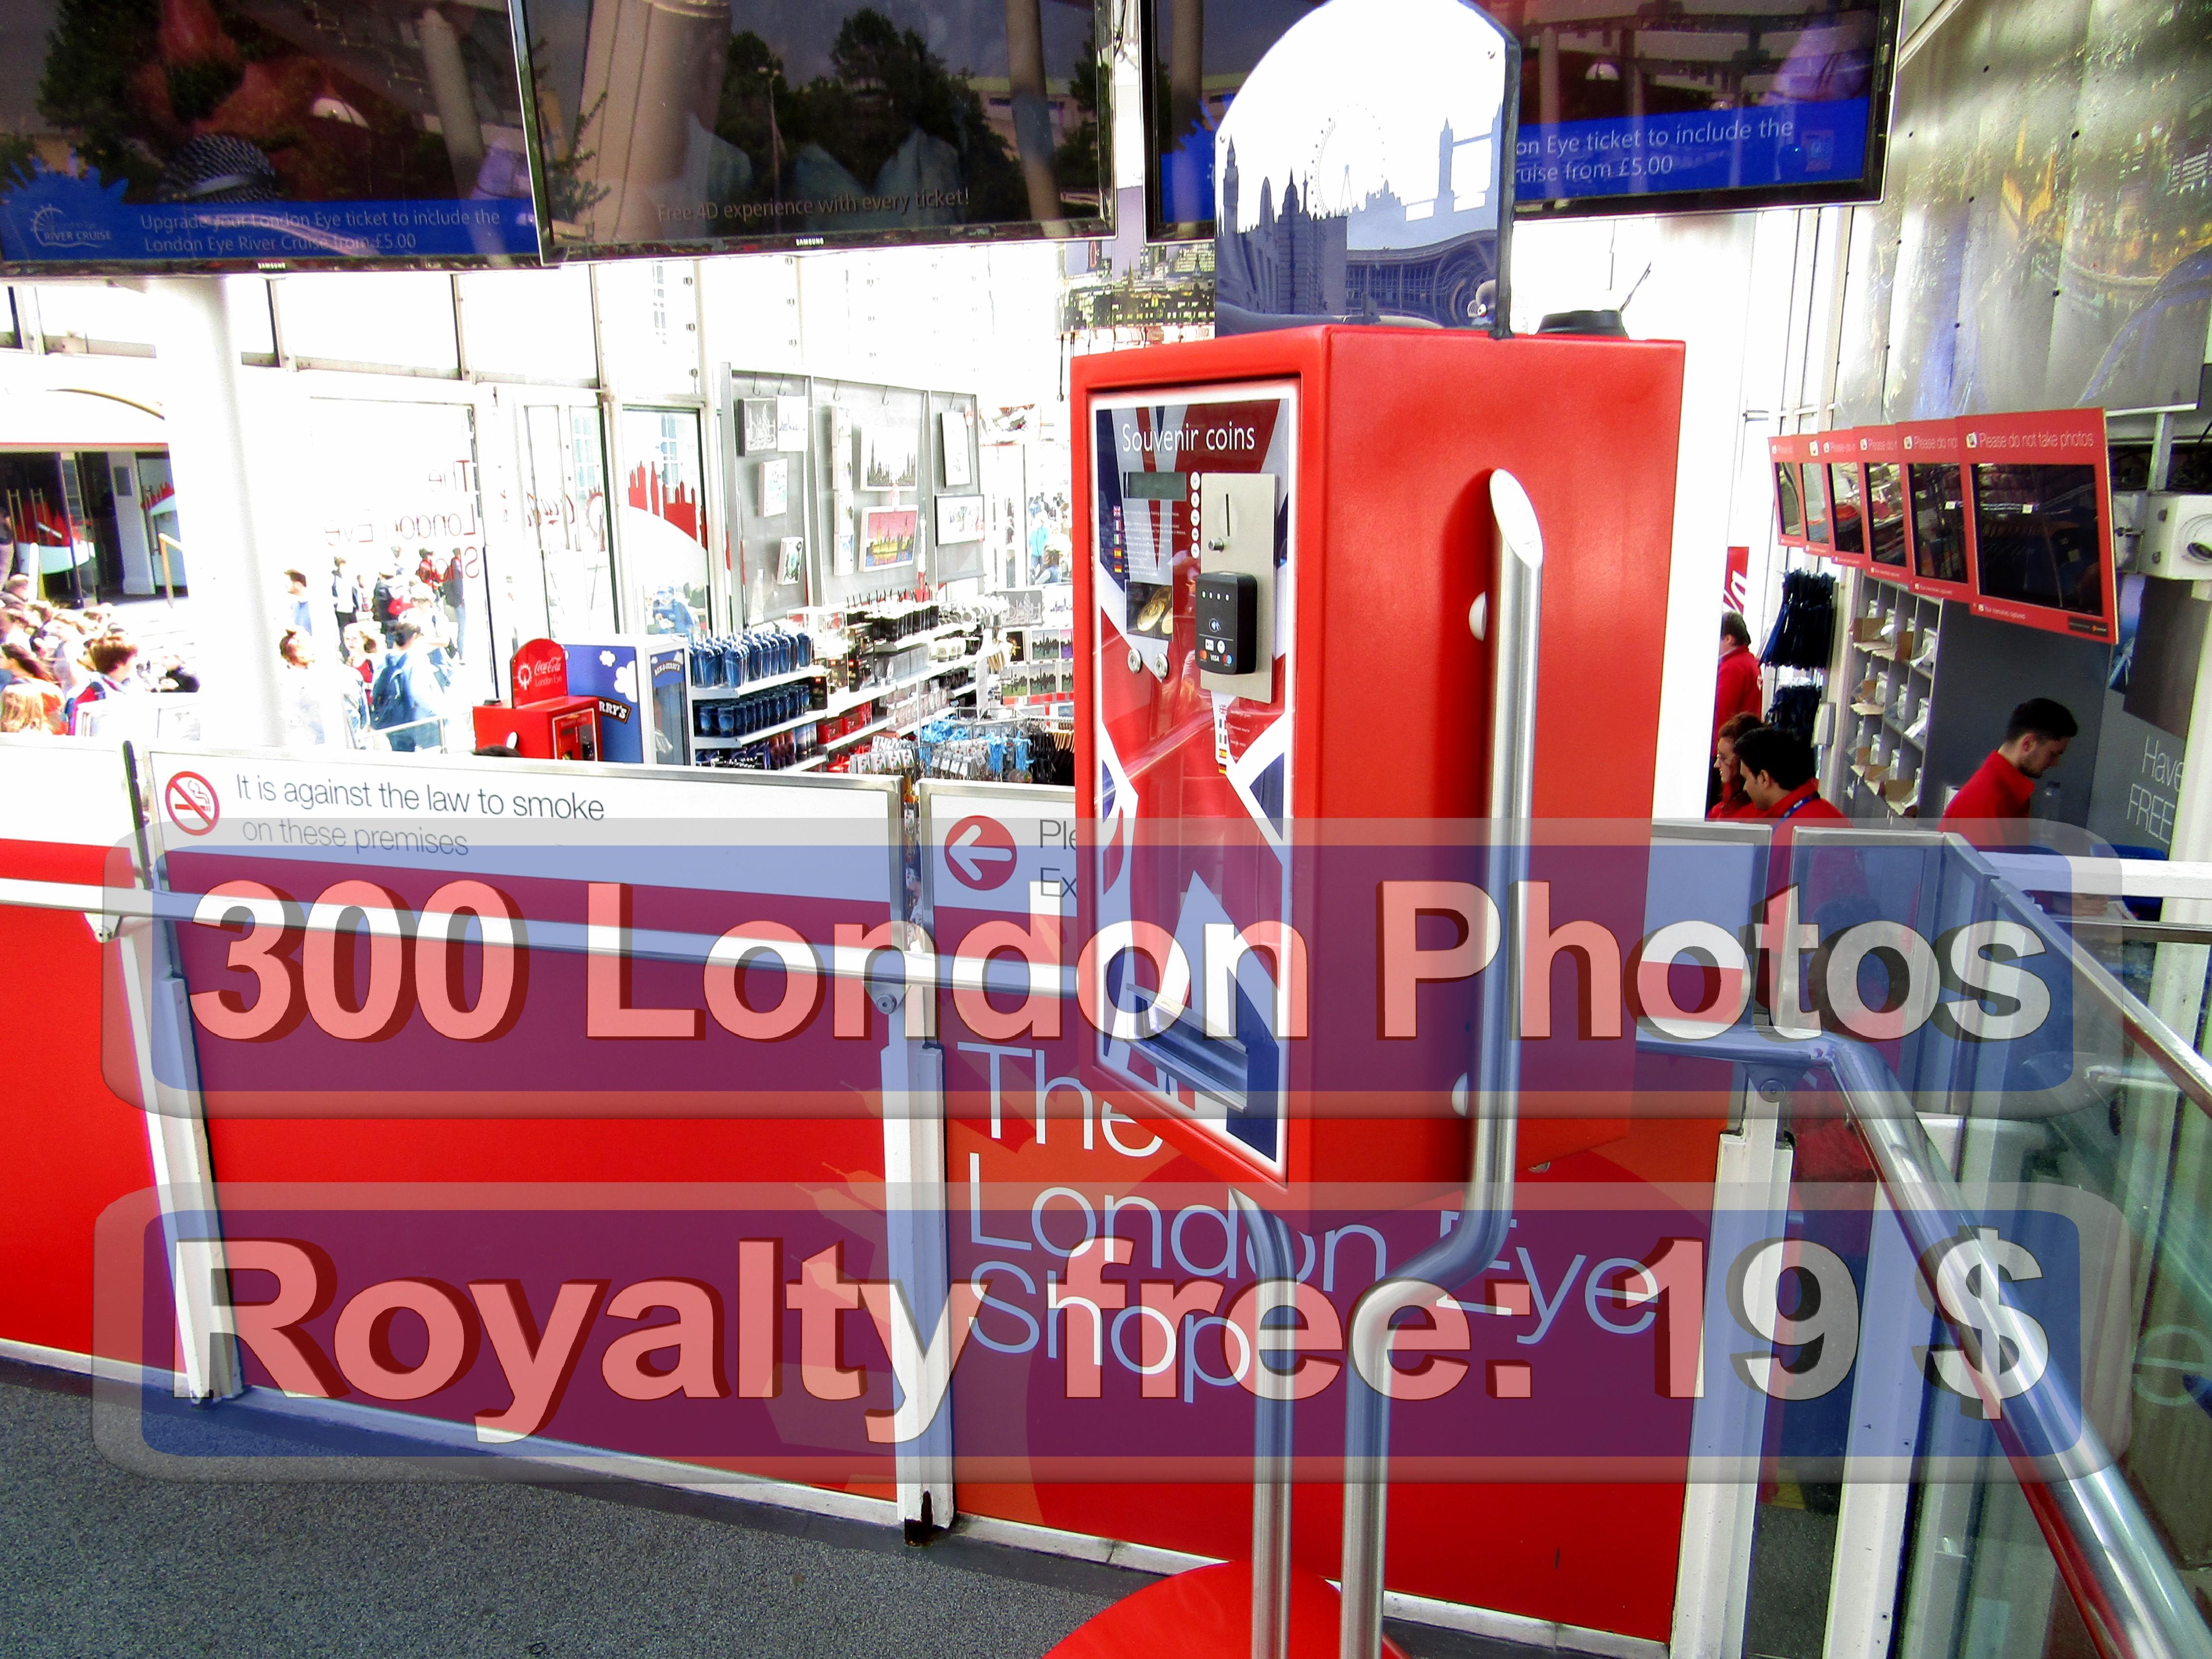 London Drugs Photo Xmas Cards